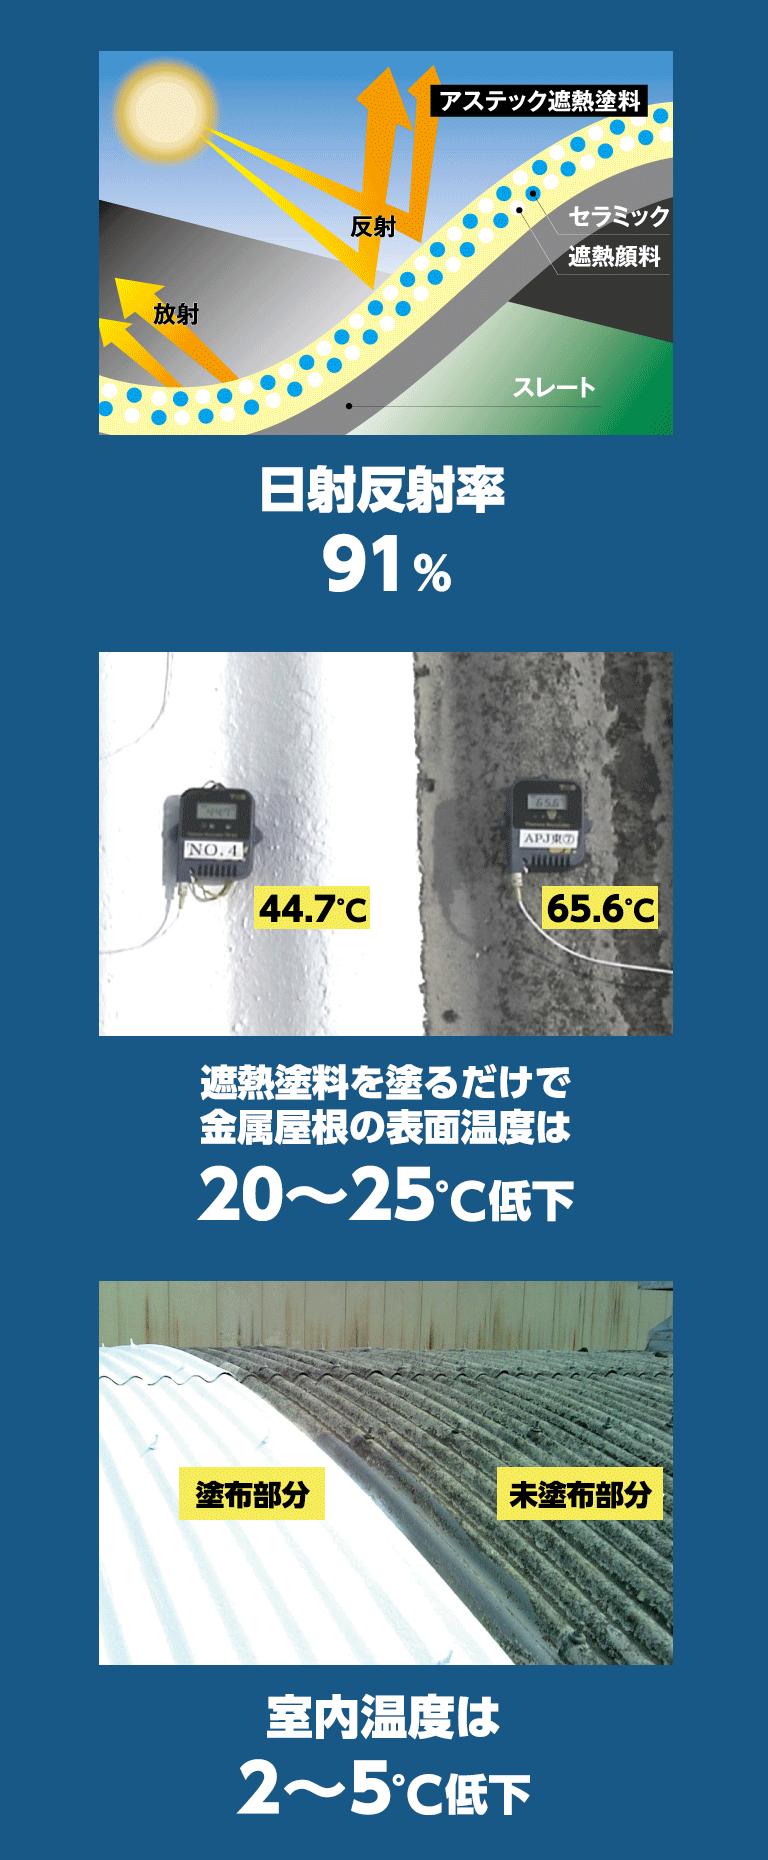 遮熱塗装・省エネ対策 温度上昇の根本原因となる近赤外線光を90%以上遮断スマホ用画像